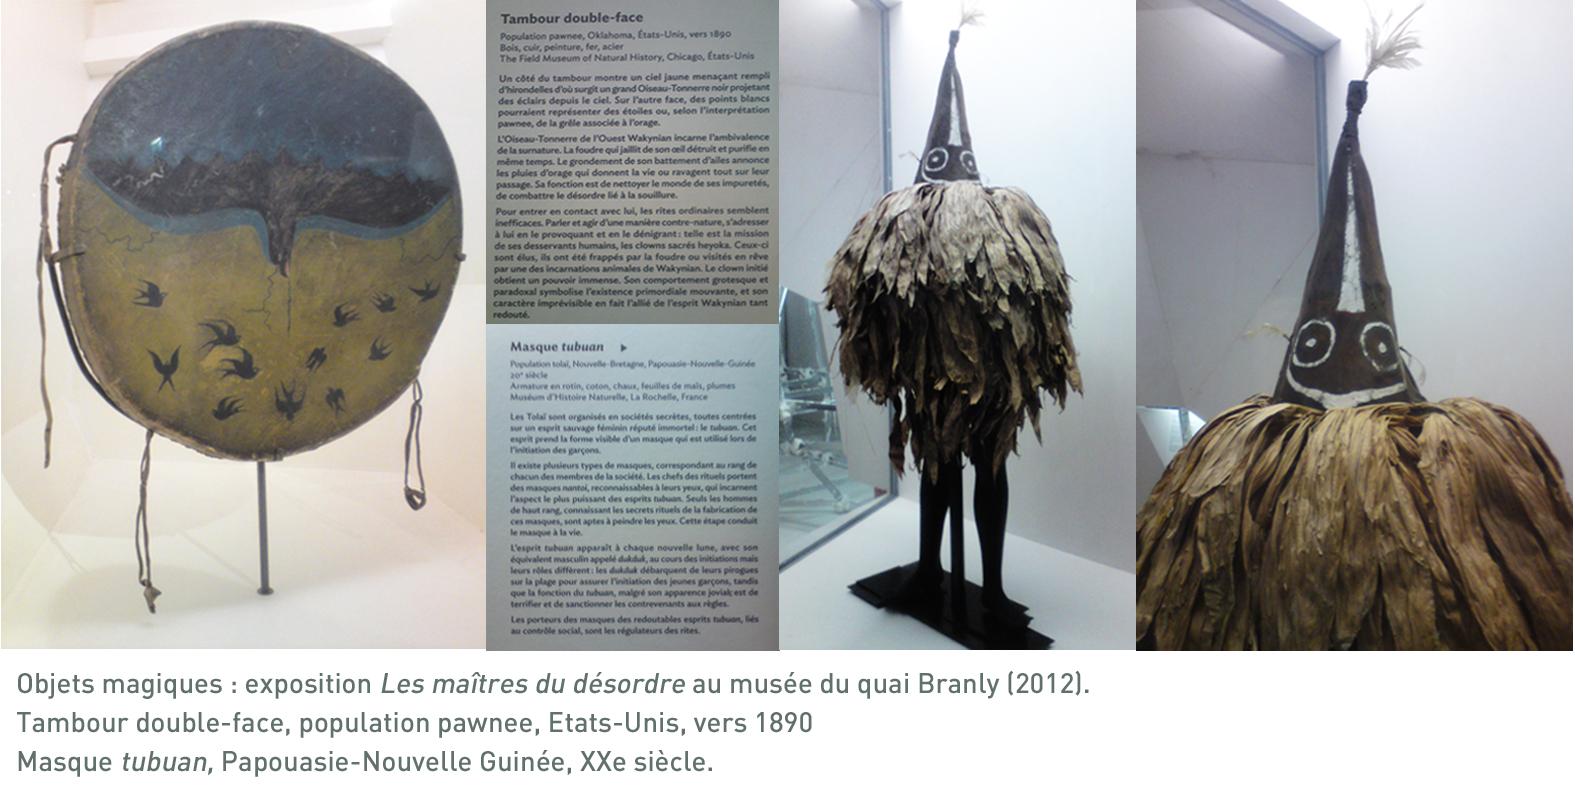 Les maitres du désordre au musée du Quai Branly